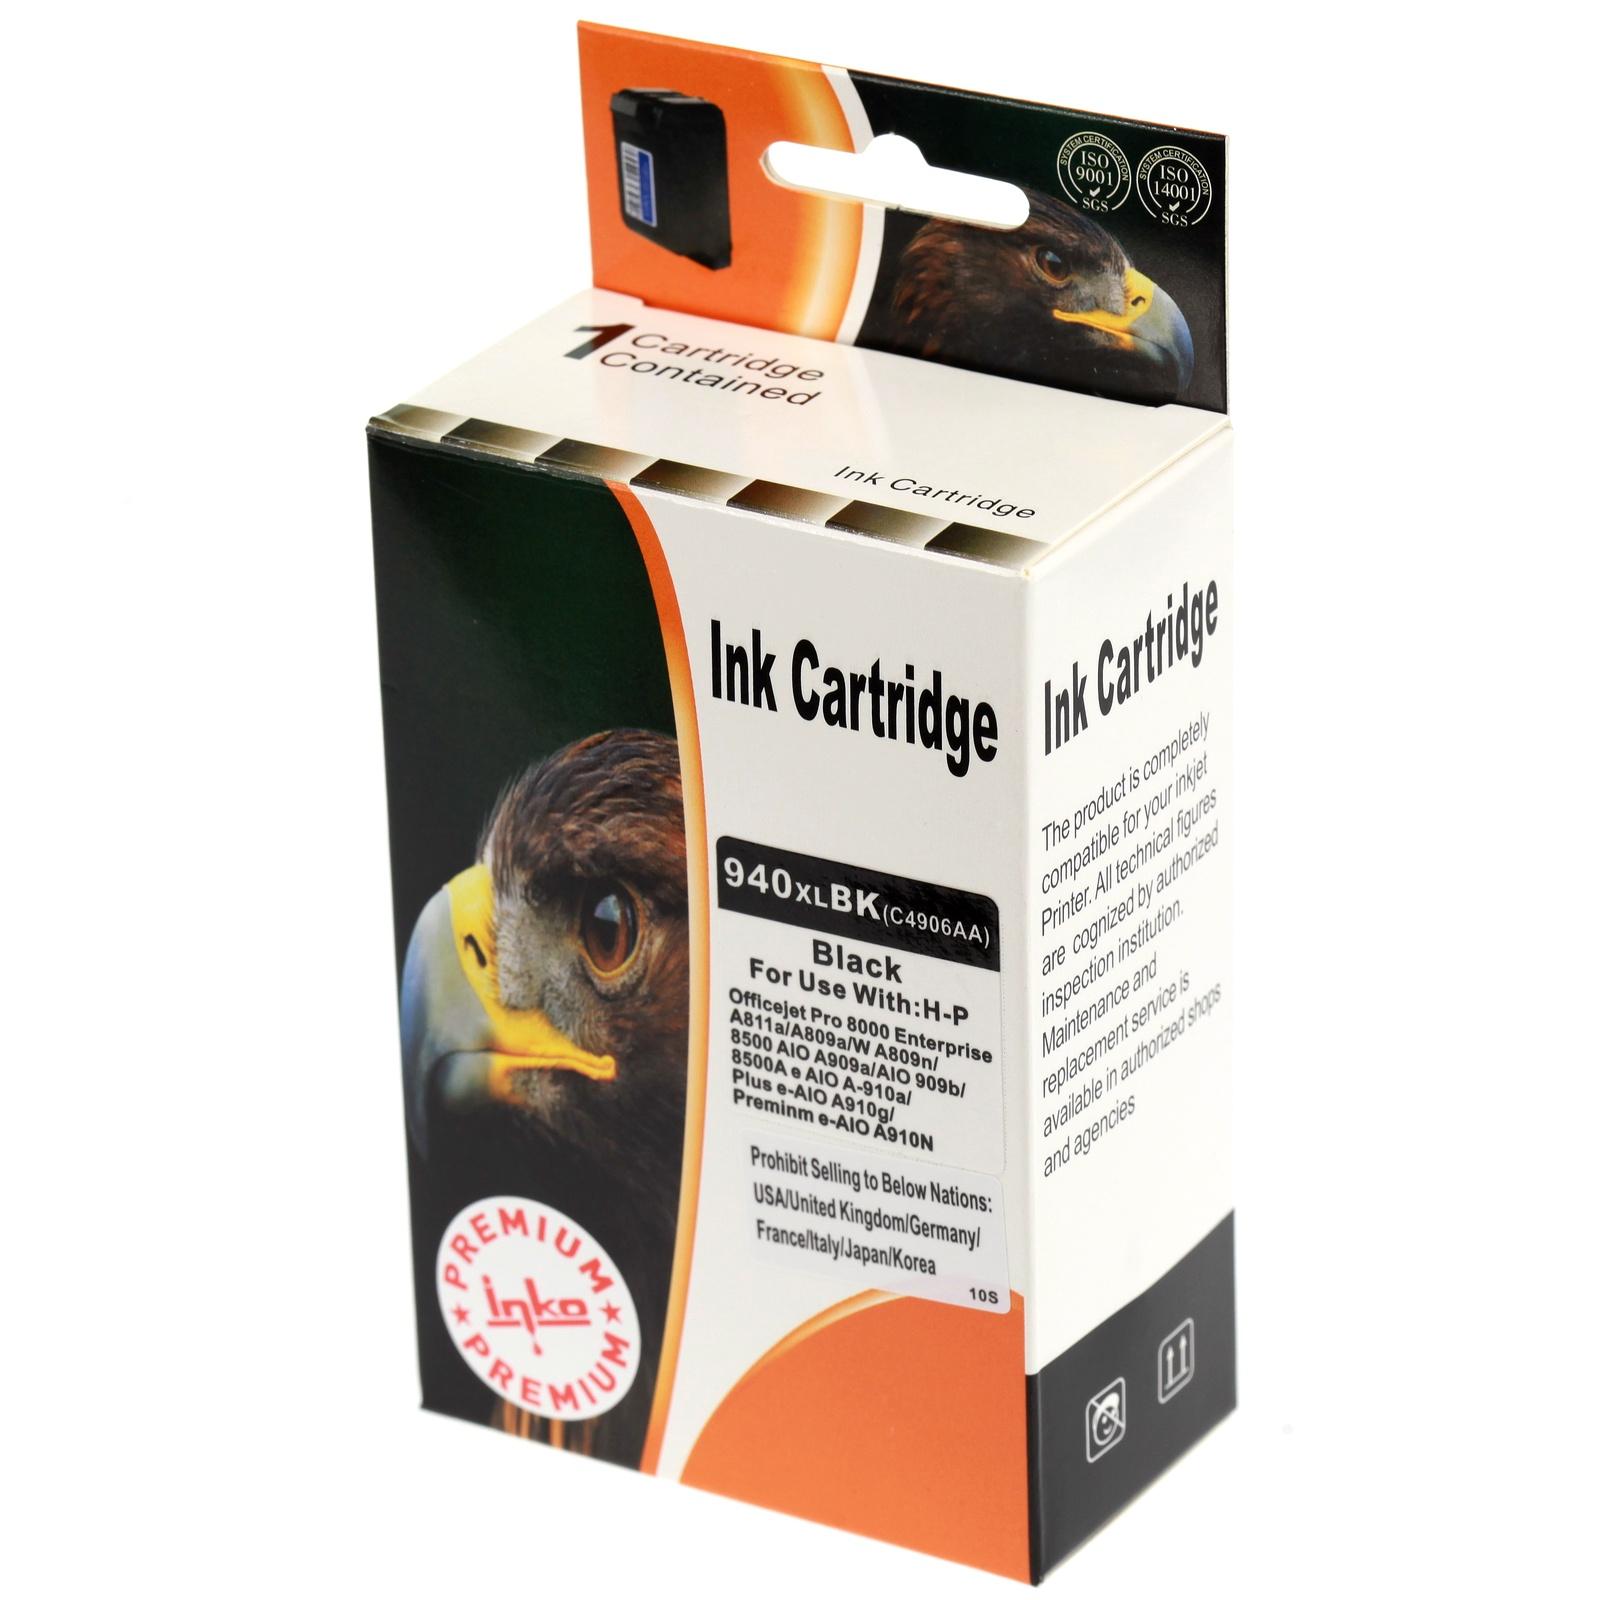 Картридж Inko для HP 940 XL черный повышенной емкости картридж струйный hp 940 c4901a для hp officejet pro 8000 8500 8500a magenta cyan